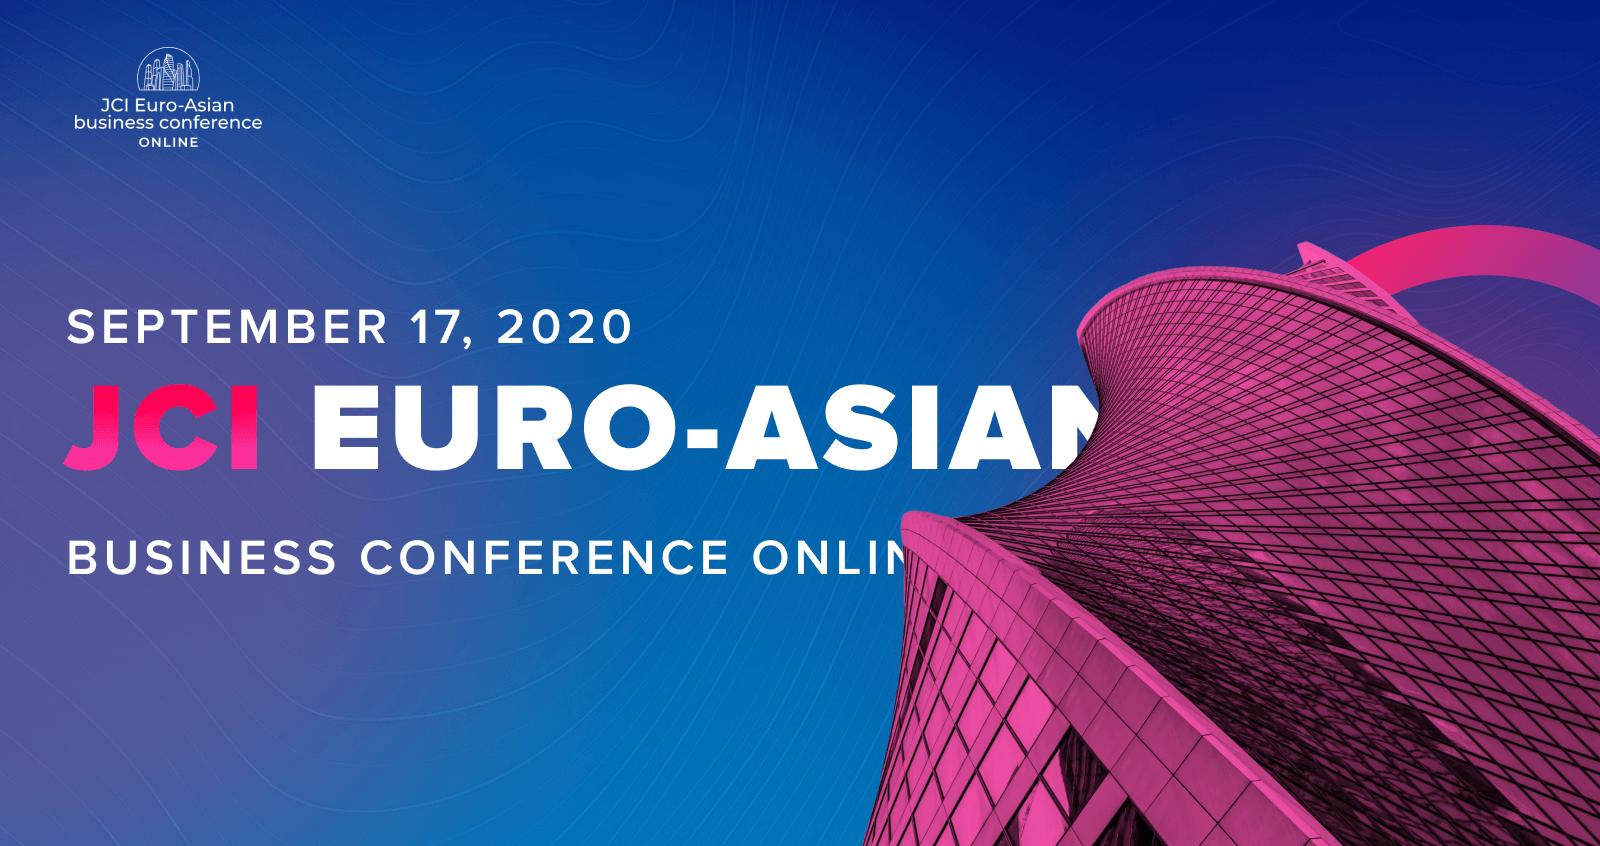 JCI Евро-Азиатский бизнес-форум